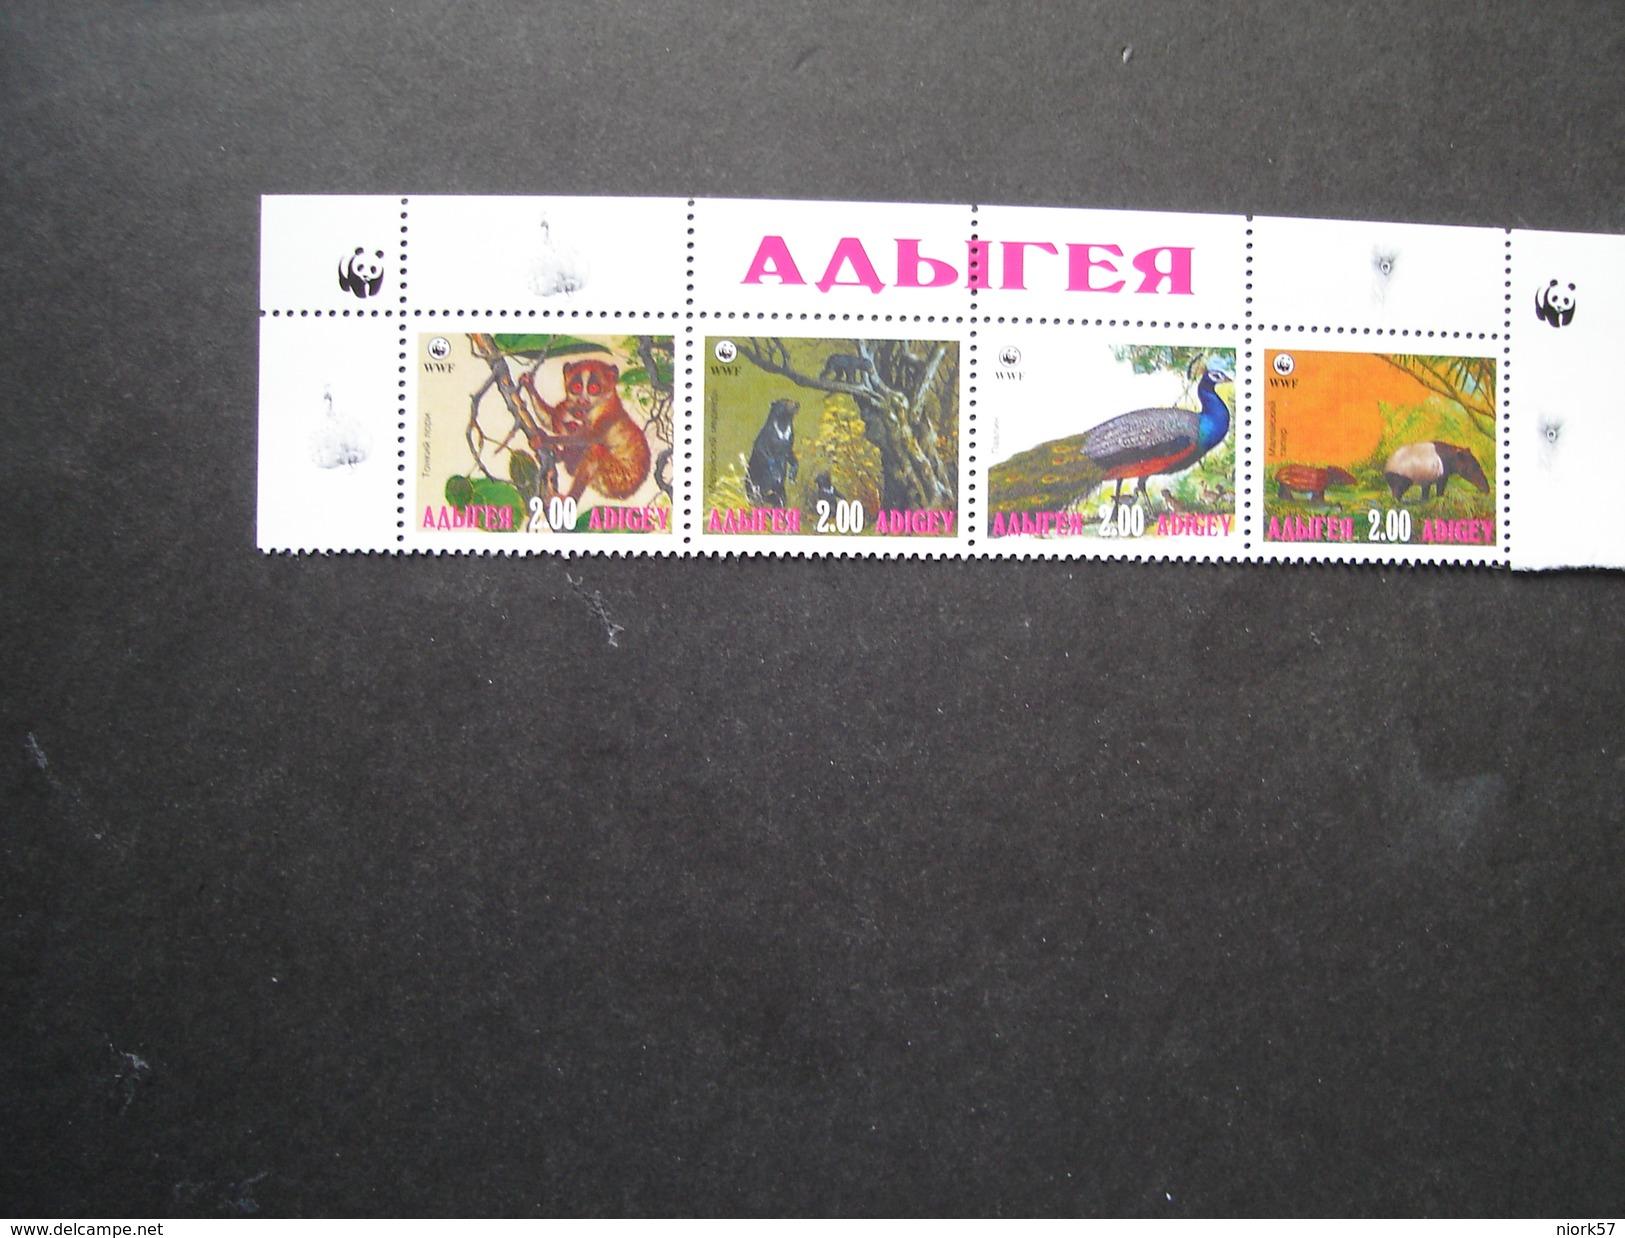 ADIGEY MINT SHEET WWF  BIRDS  ANIMALS - W.W.F.